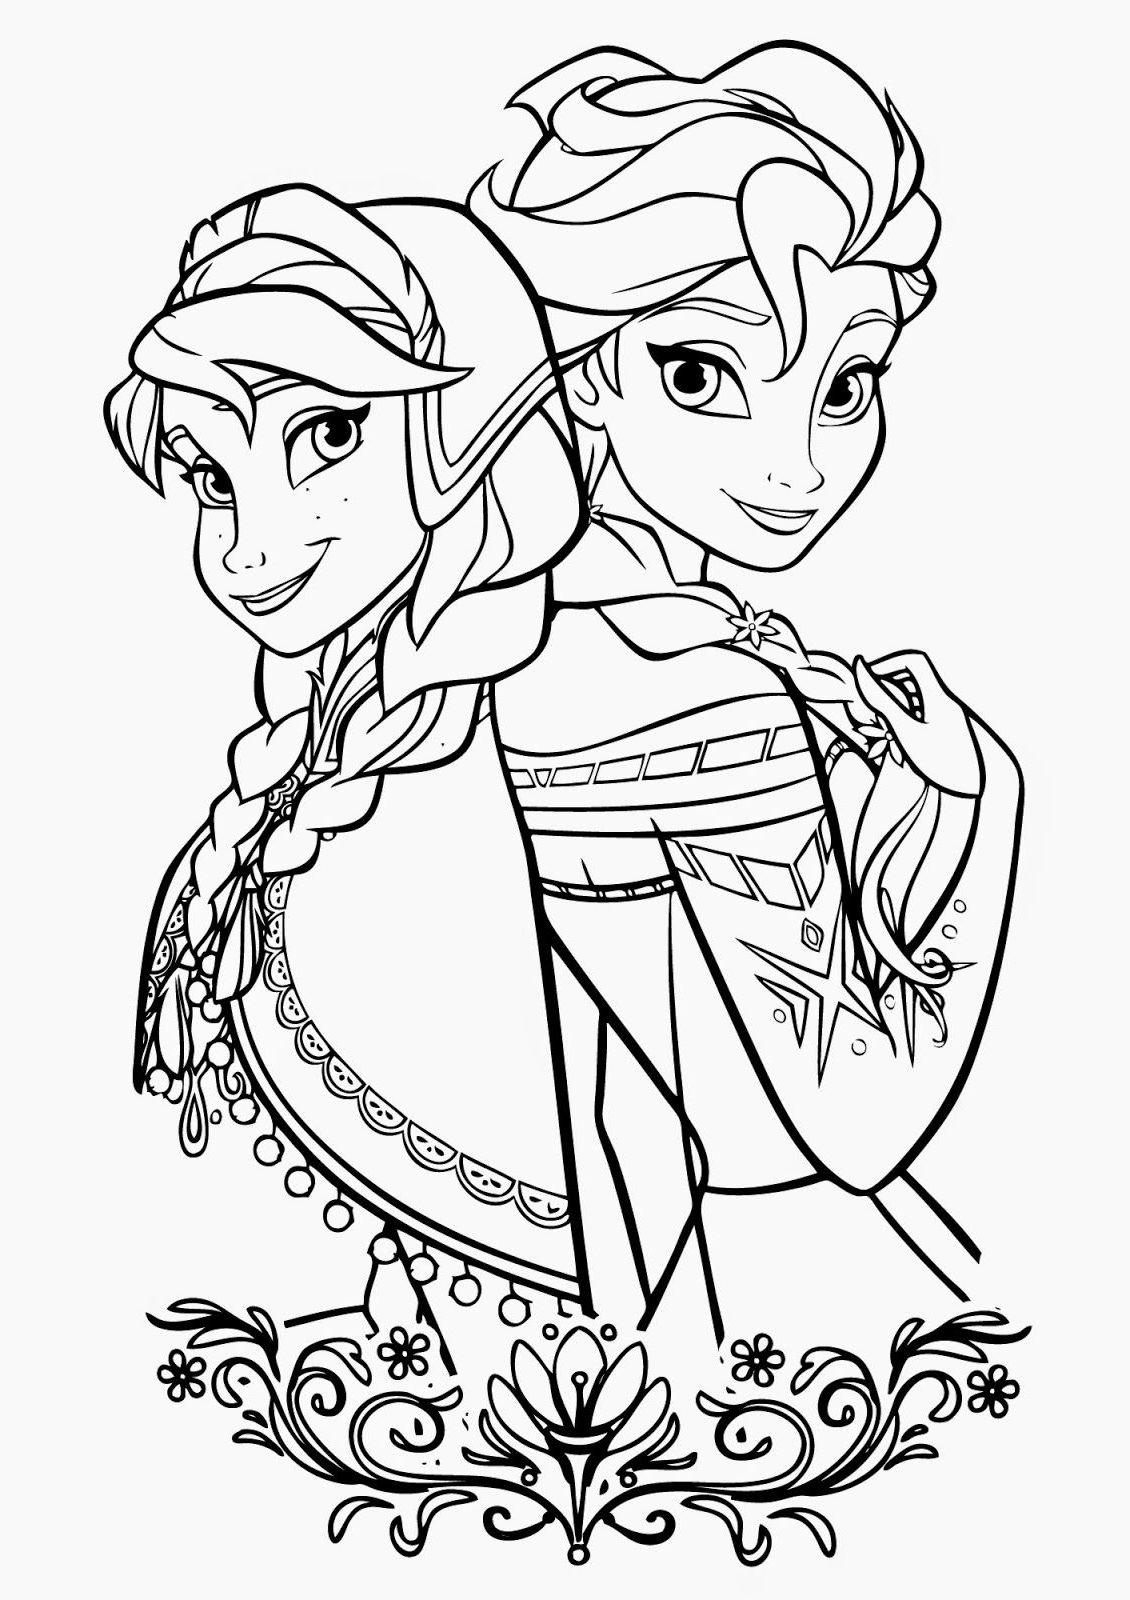 Coloring Pages Frozen Elsa coloring pages, Disney